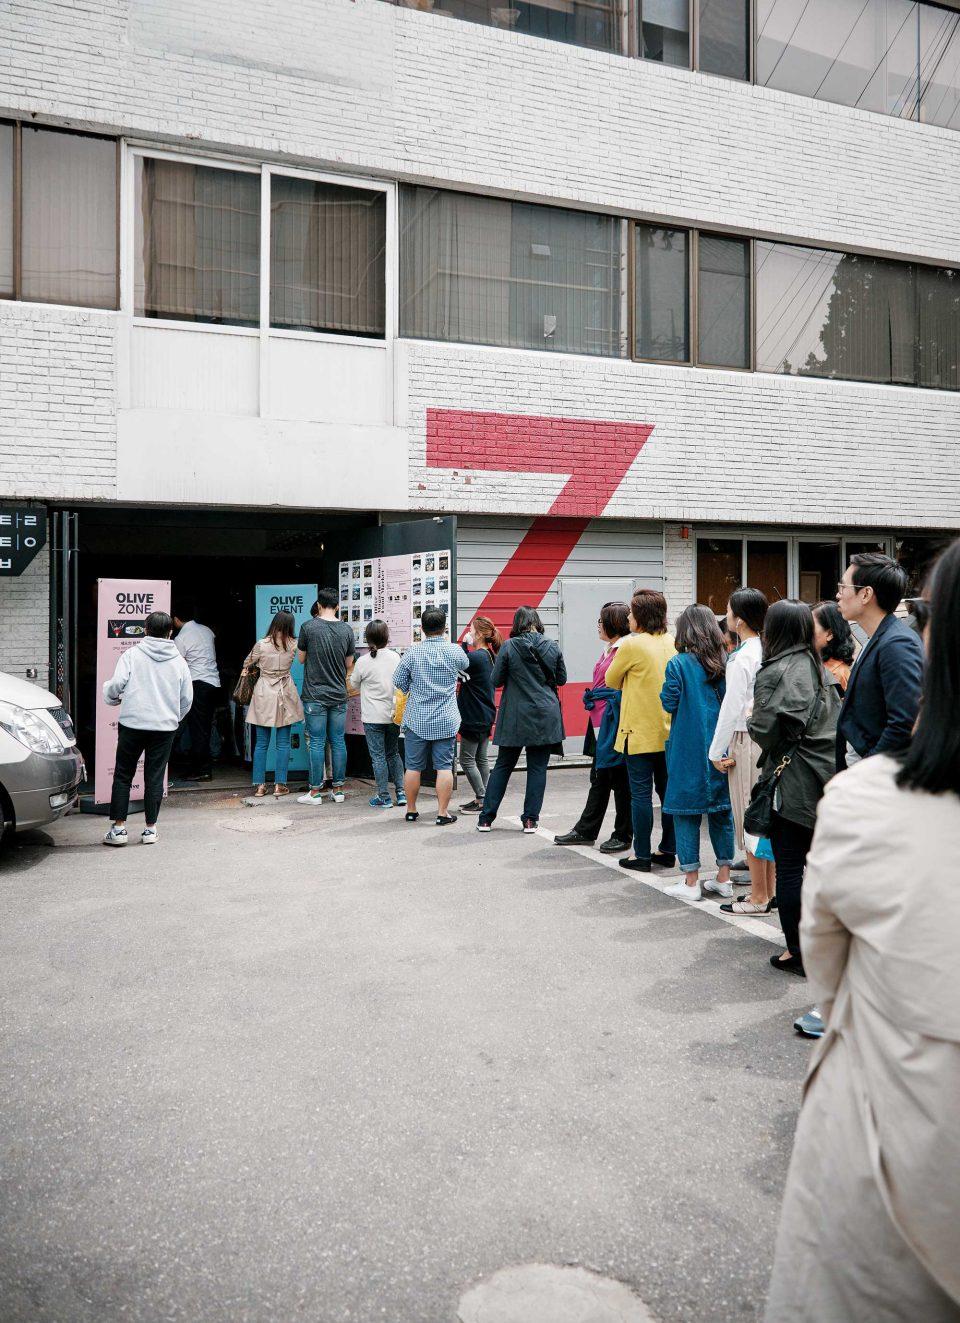 오전 12시 푸드 마켓이 열리는 자그마치 앞에는 입장 시작 한 시간 전부터 기다리는 사람들로 붐볐다. © 양성모